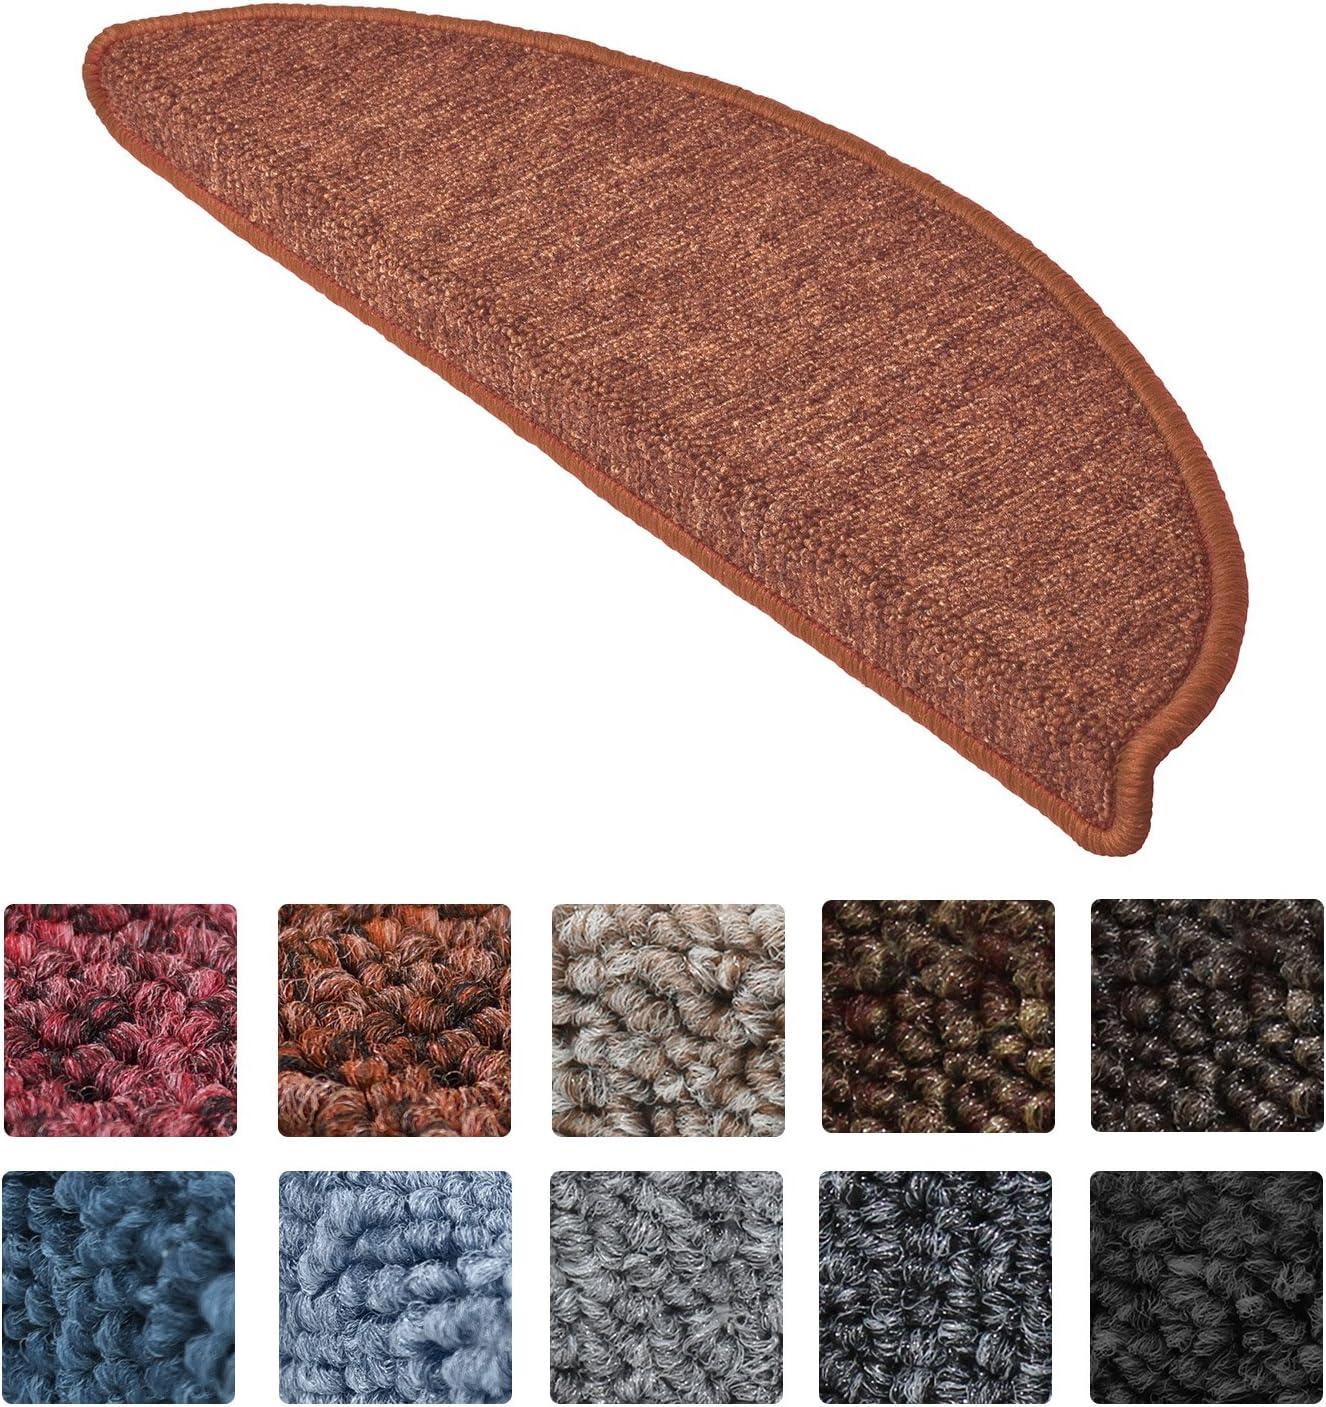 Beautissu Set 15 Alfombras pequeñas semicirculares ProStair Escalera - 55x15 cm - òxido Ribeteado, antidelizante y Adhesiva: Amazon.es: Hogar